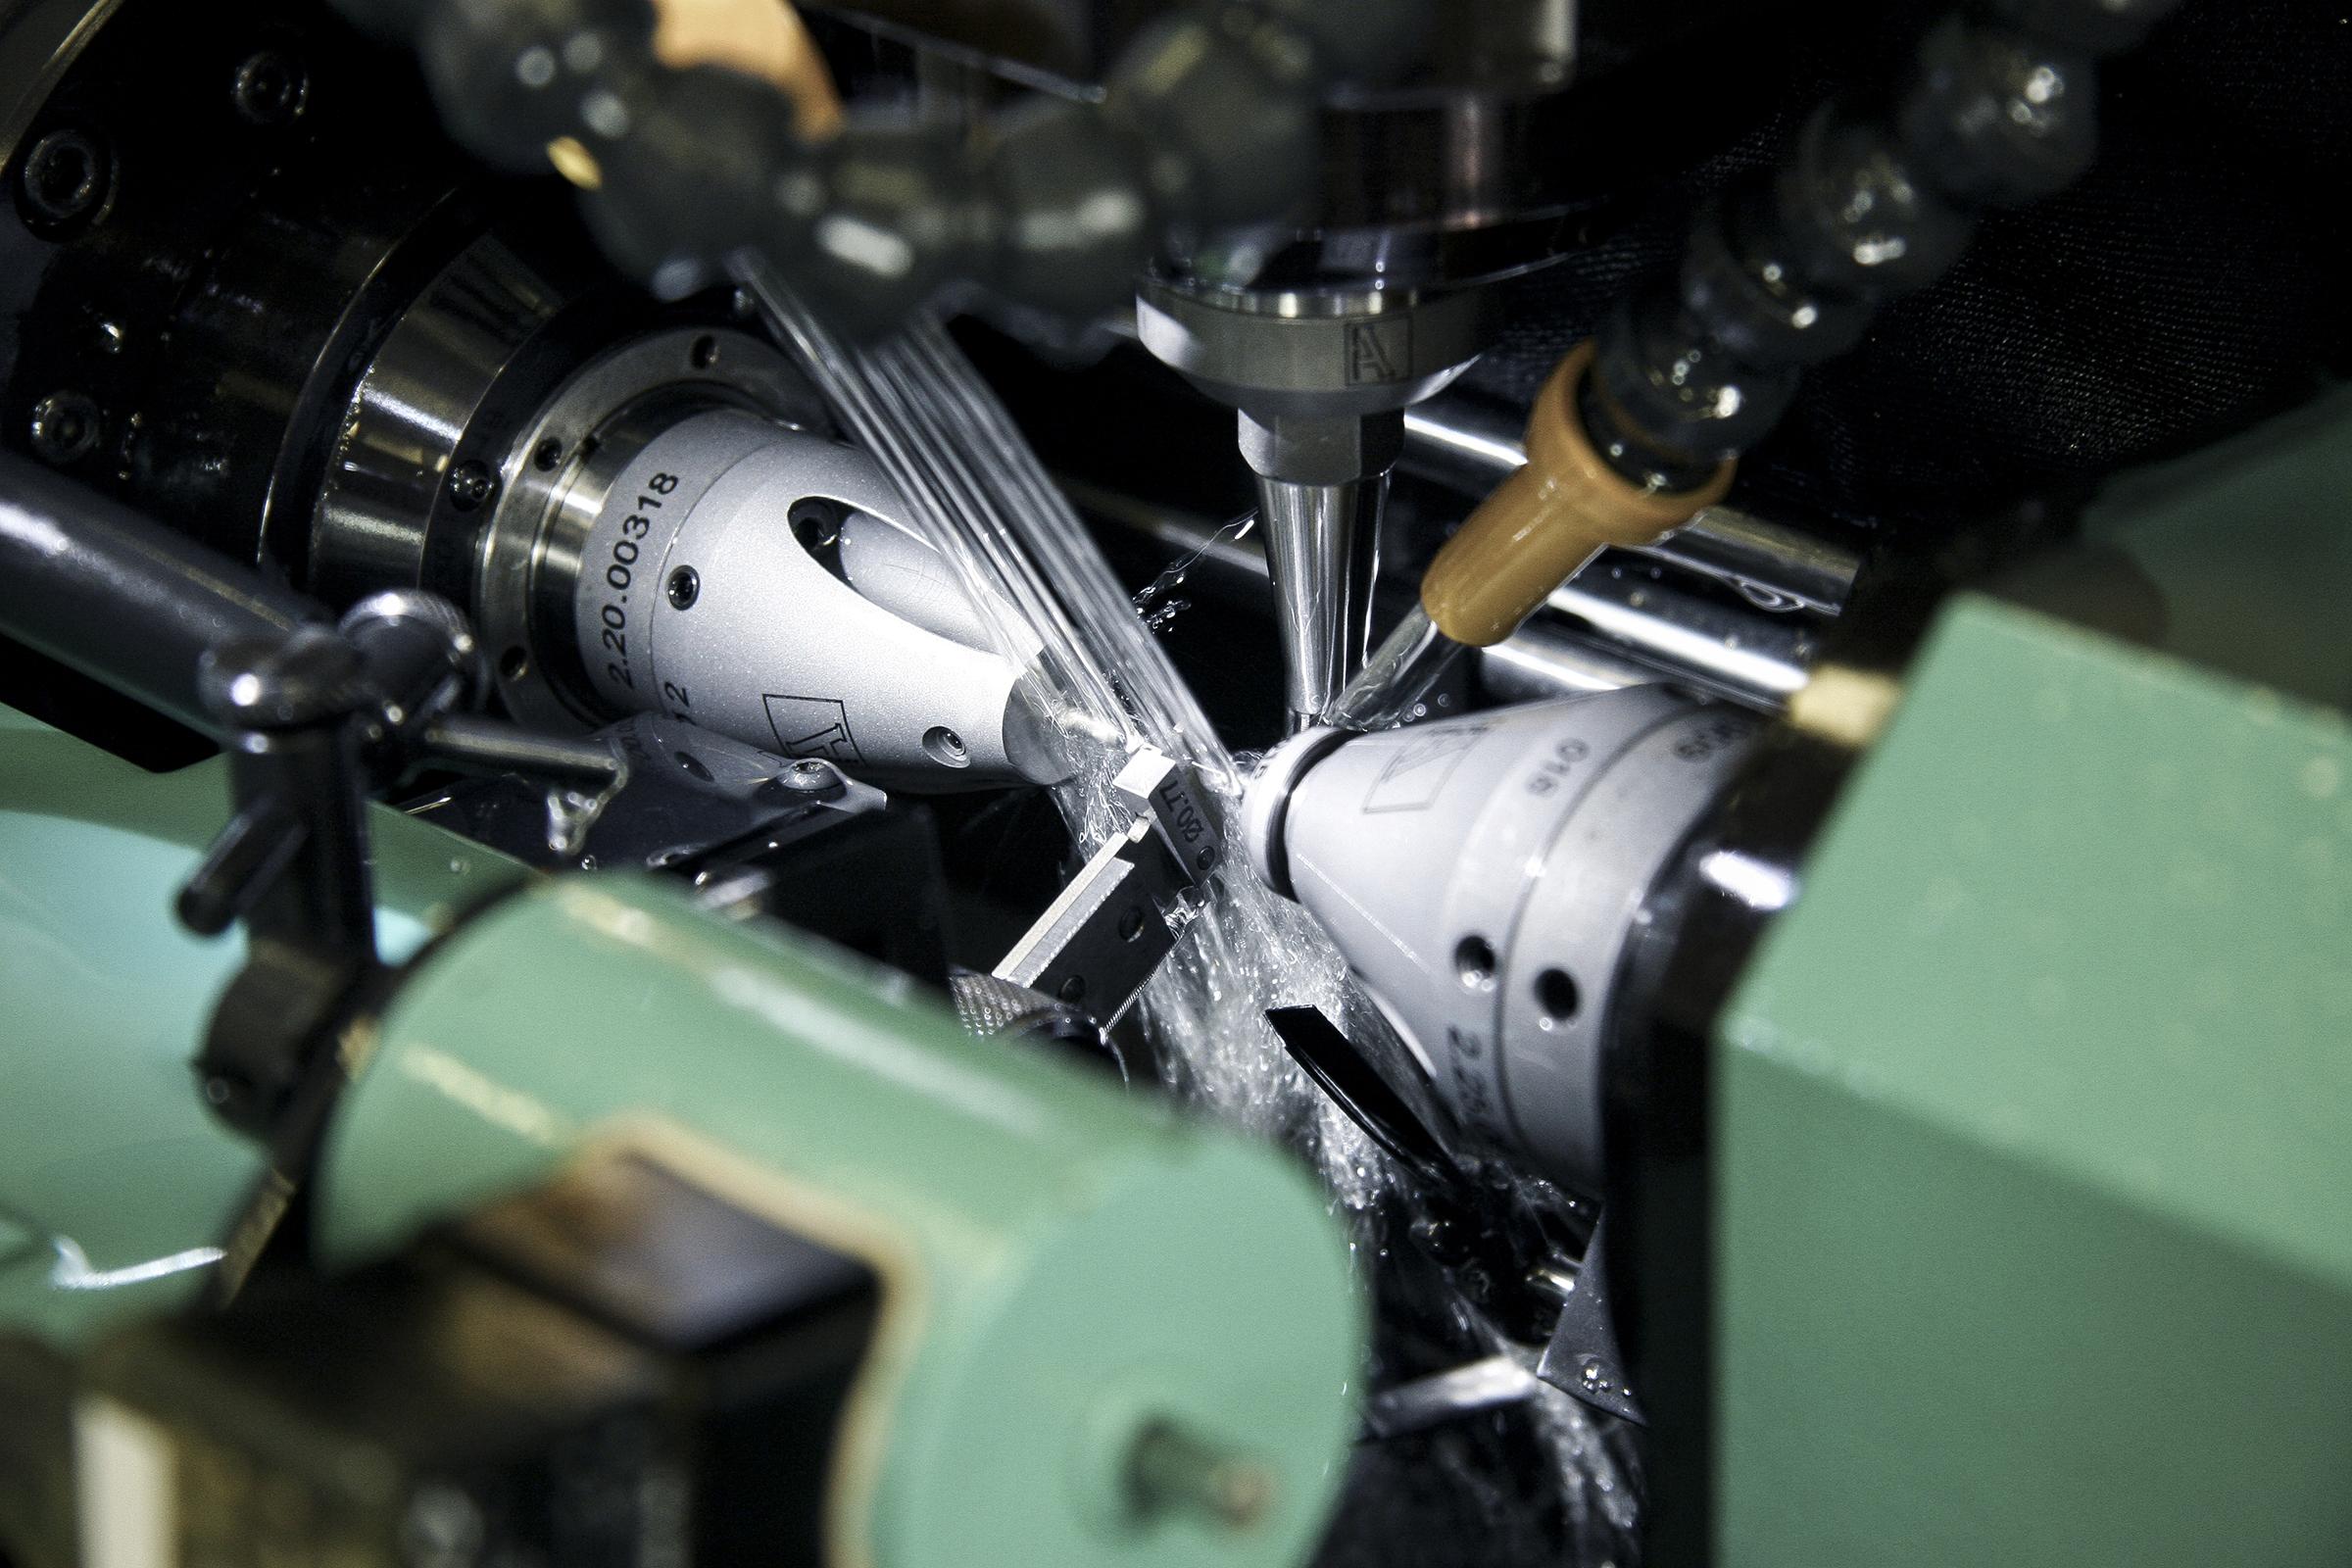 AF20 drum loader for Watch Industry